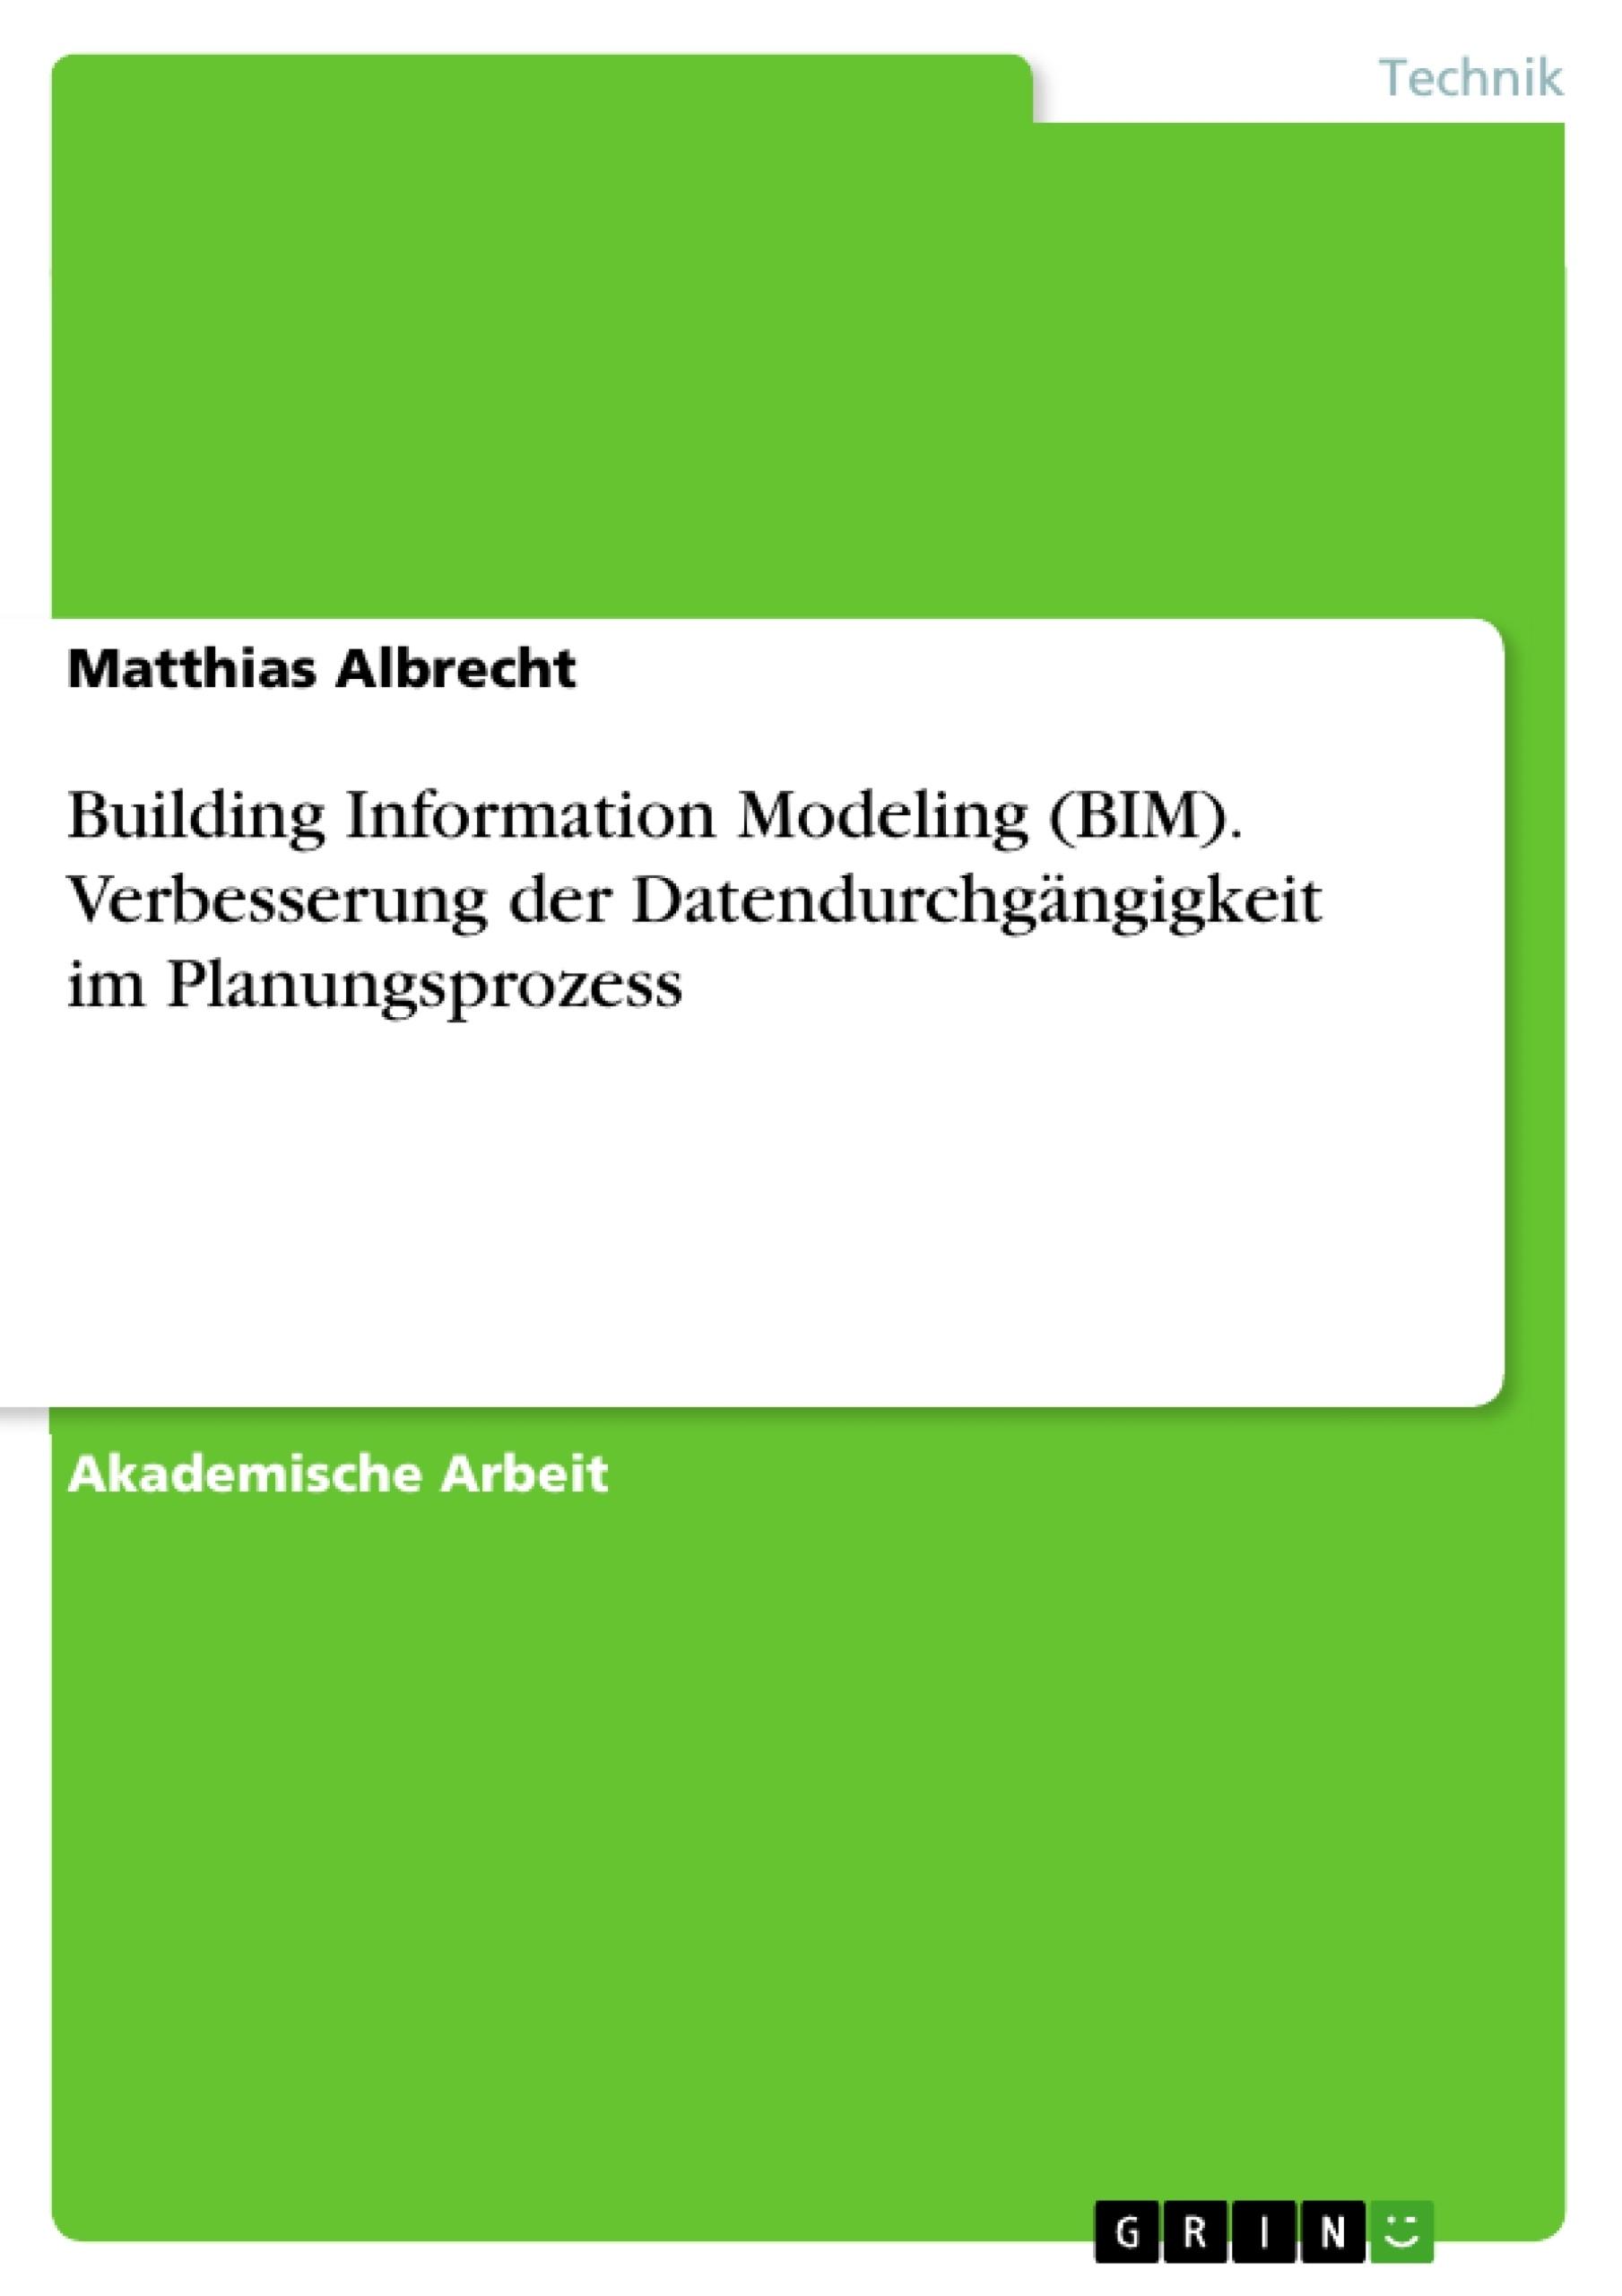 Titel: Building Information Modeling (BIM). Verbesserung der Datendurchgängigkeit im Planungsprozess